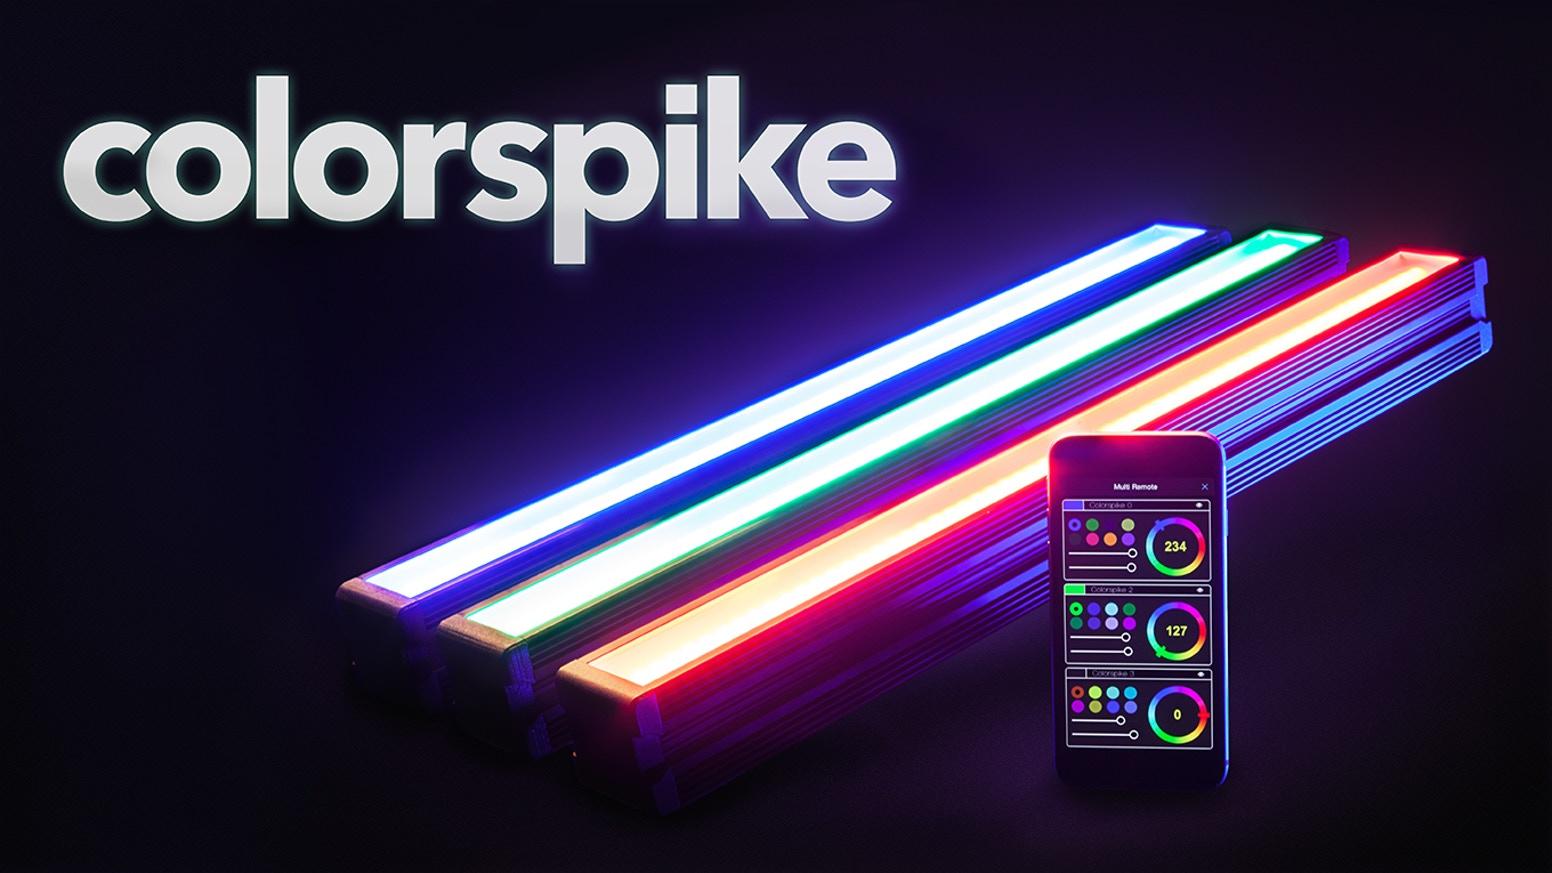 Colorspike